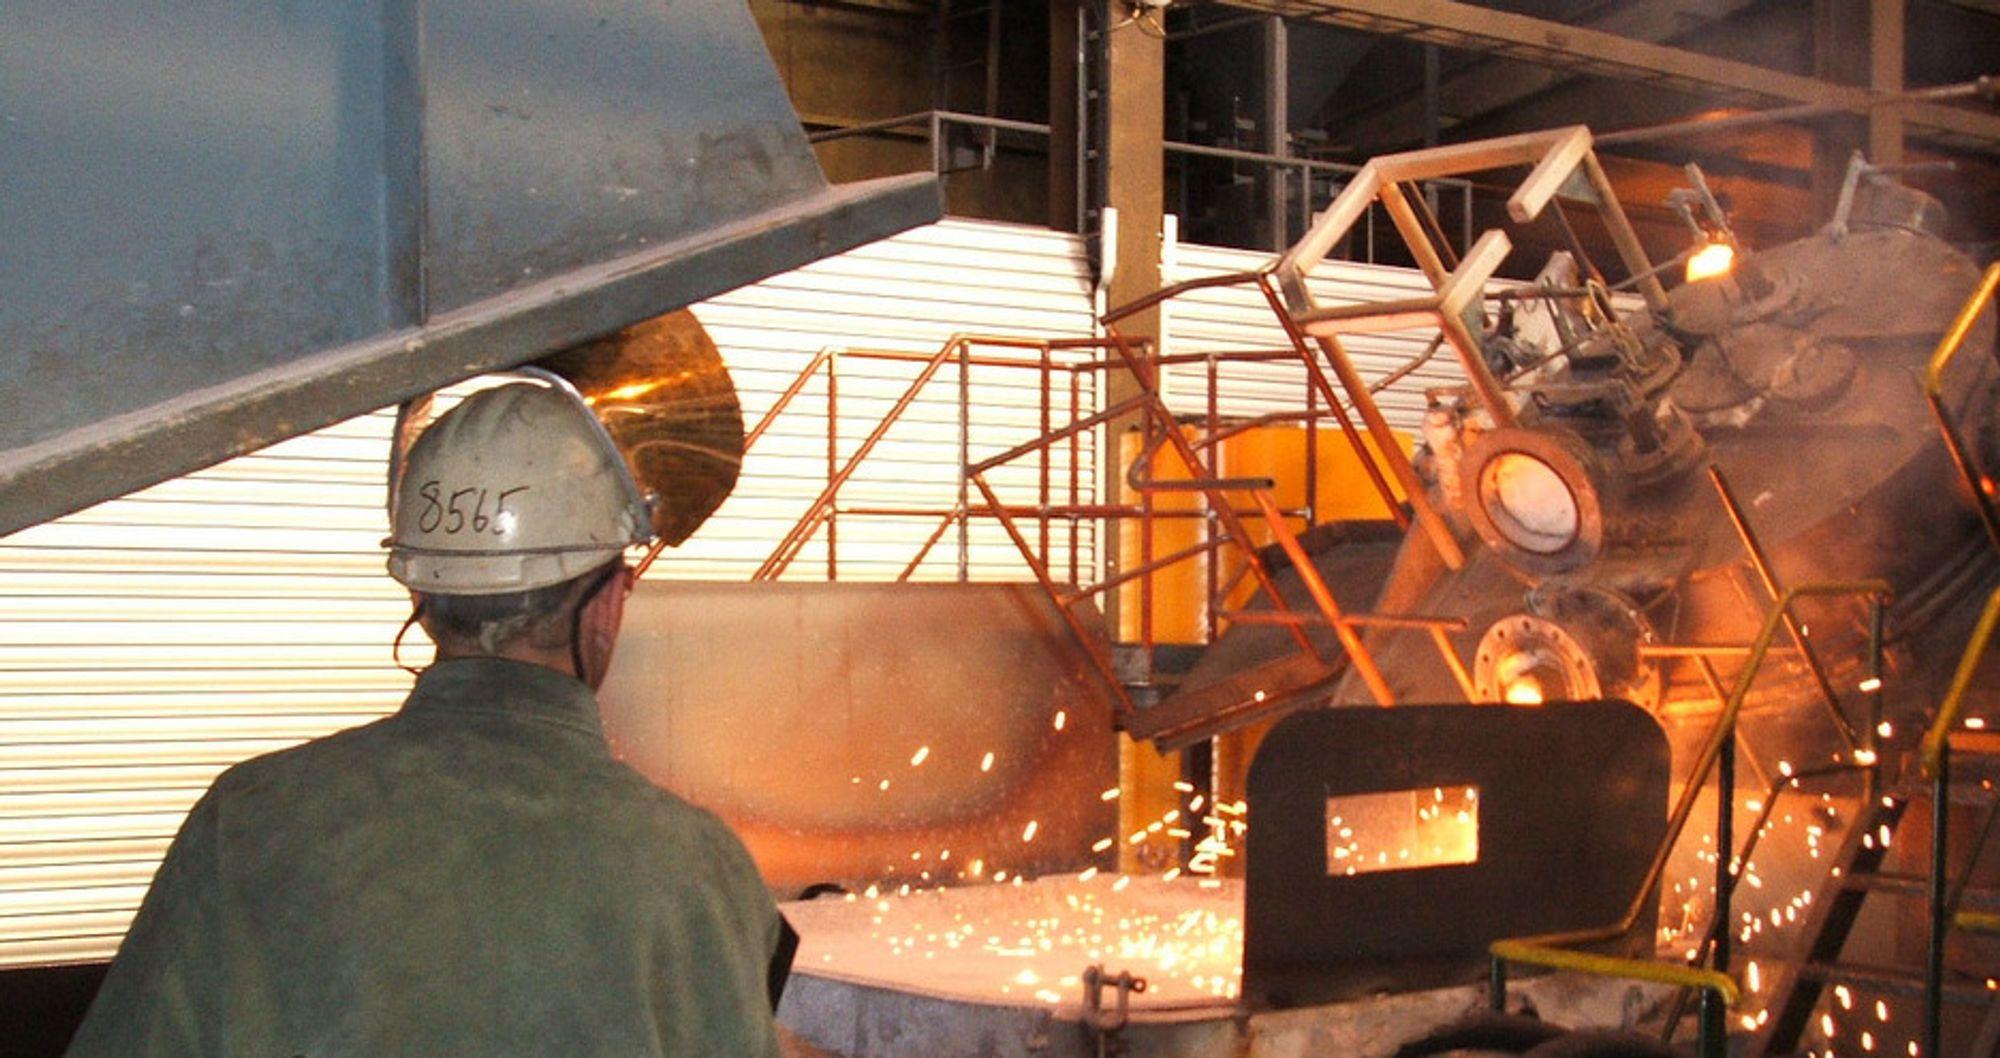 Tradisjonell industri, deriblant metallurgisk, går bedre og bedre.